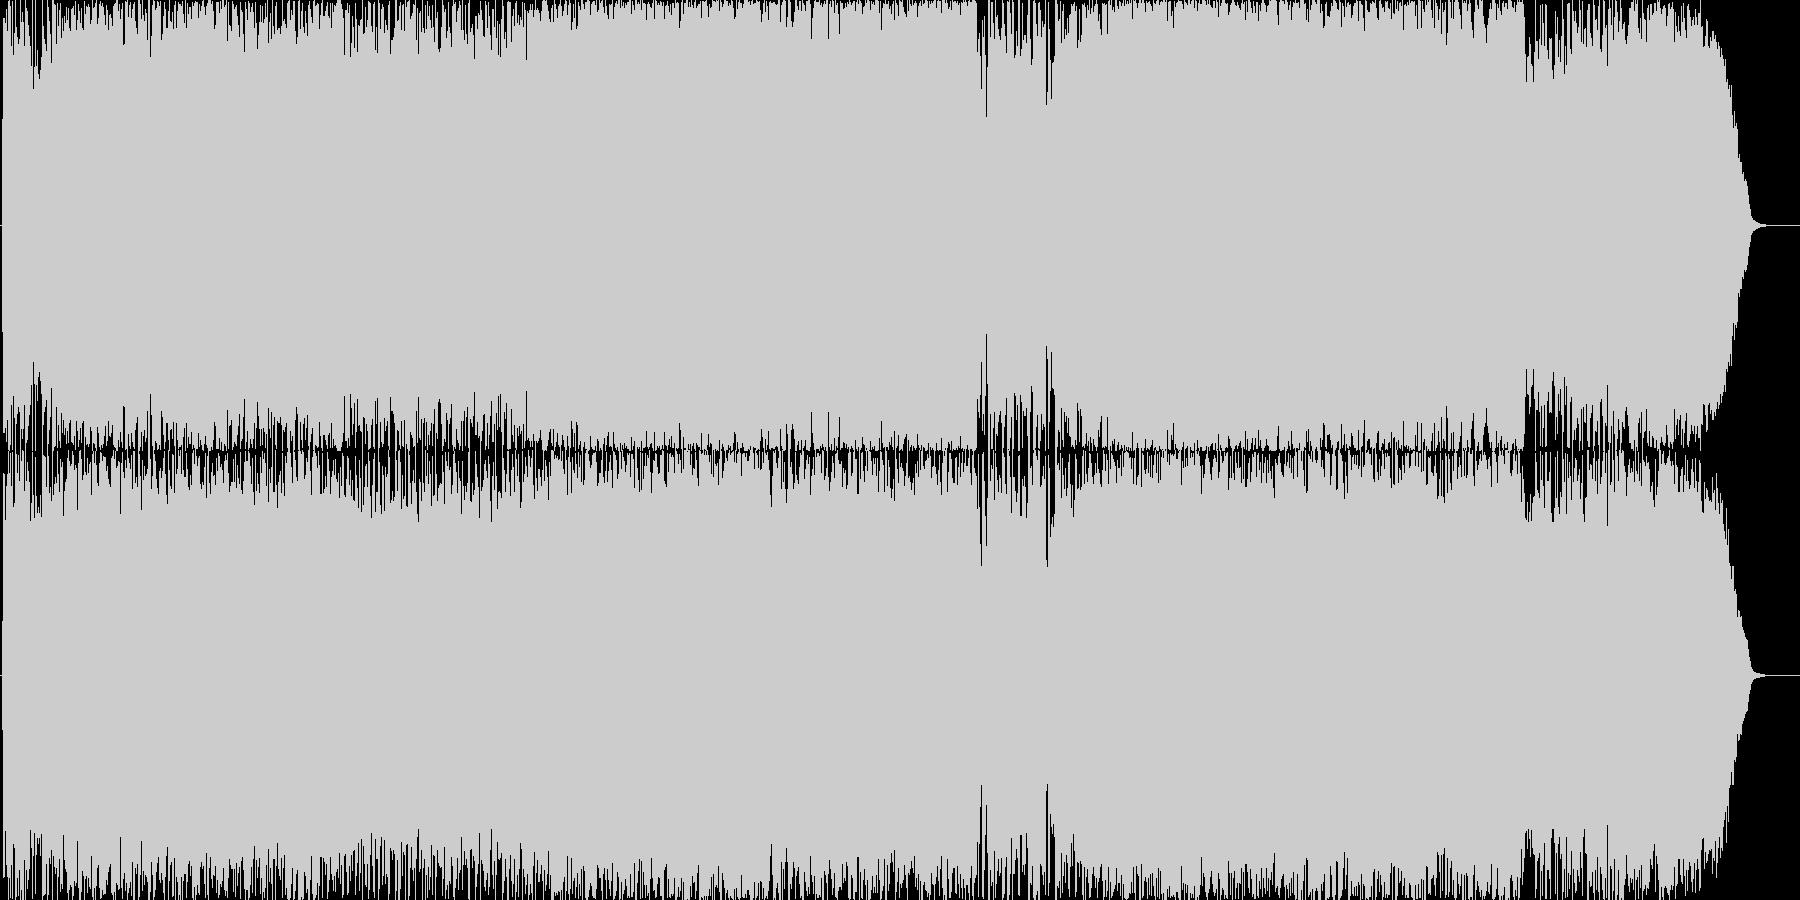 オーケストラ&バンドのOP曲の未再生の波形